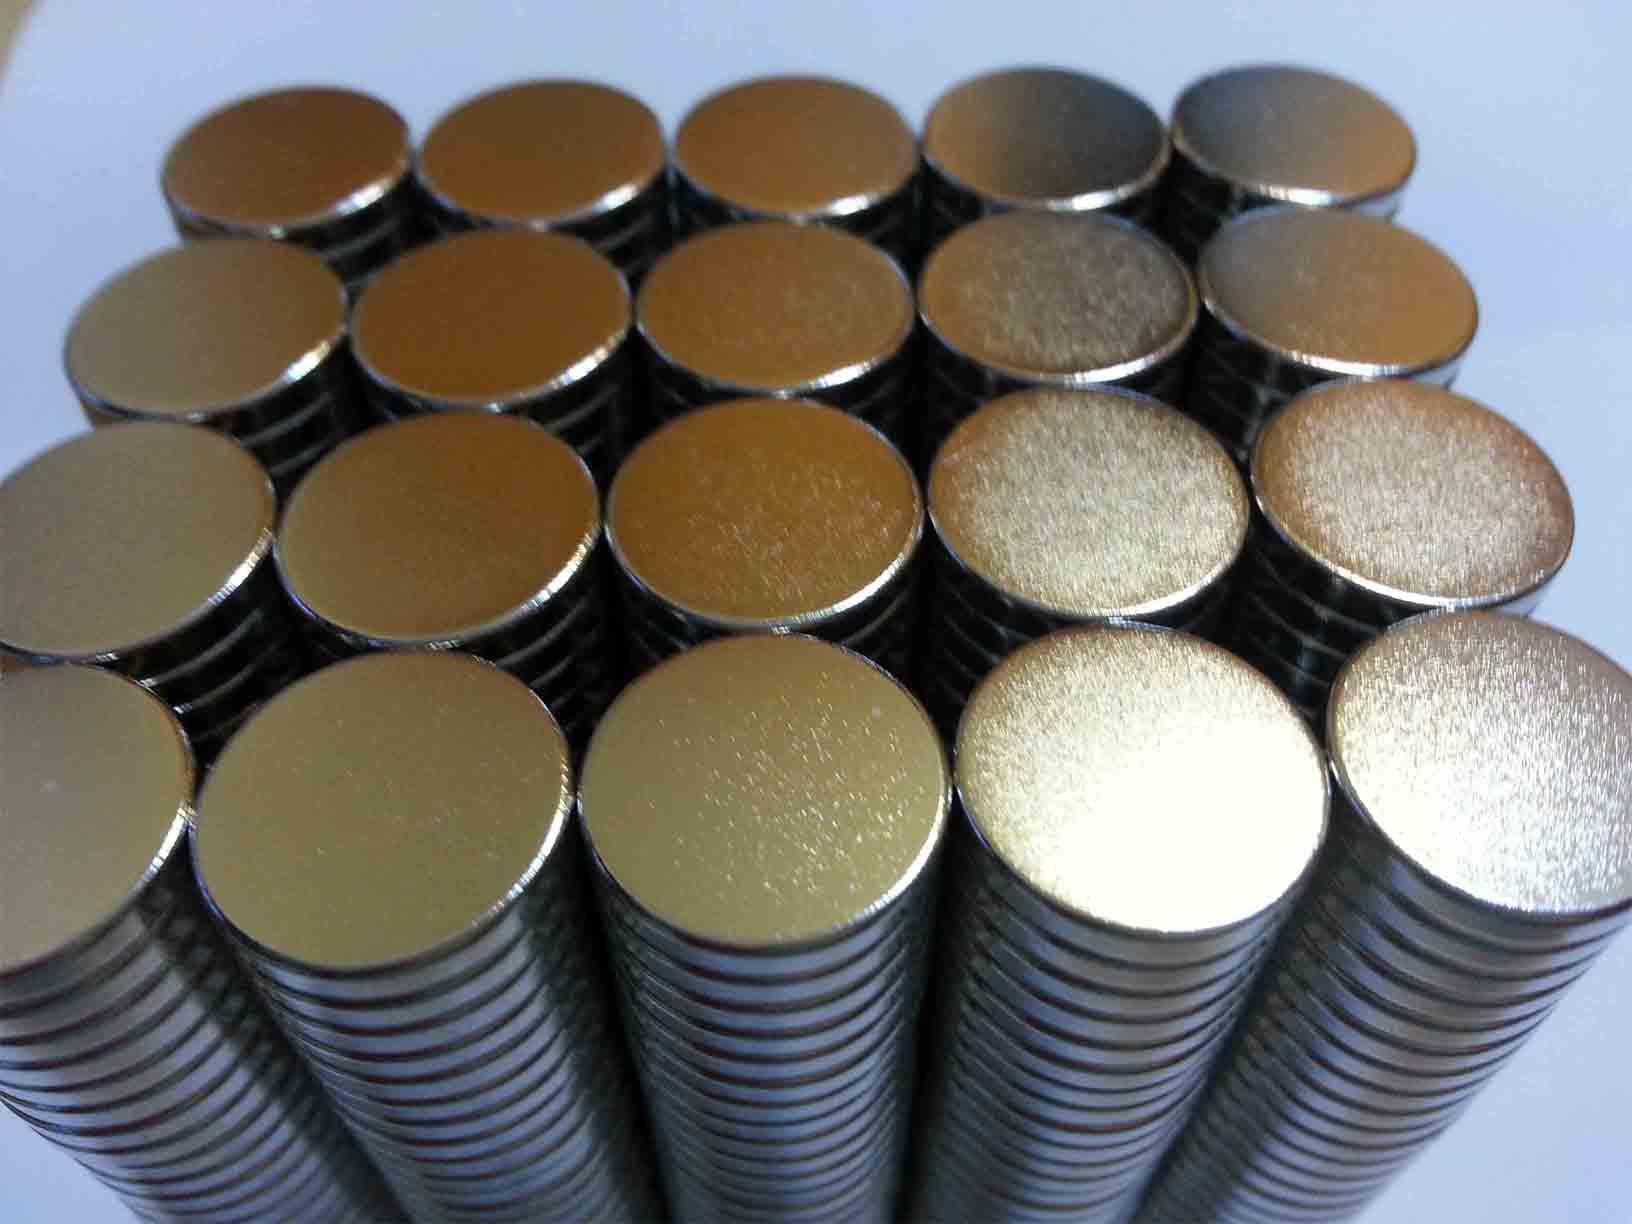 Ima De Neodimio / Super Forte / 12,5mm X 2mm  Kit com 20 Peças